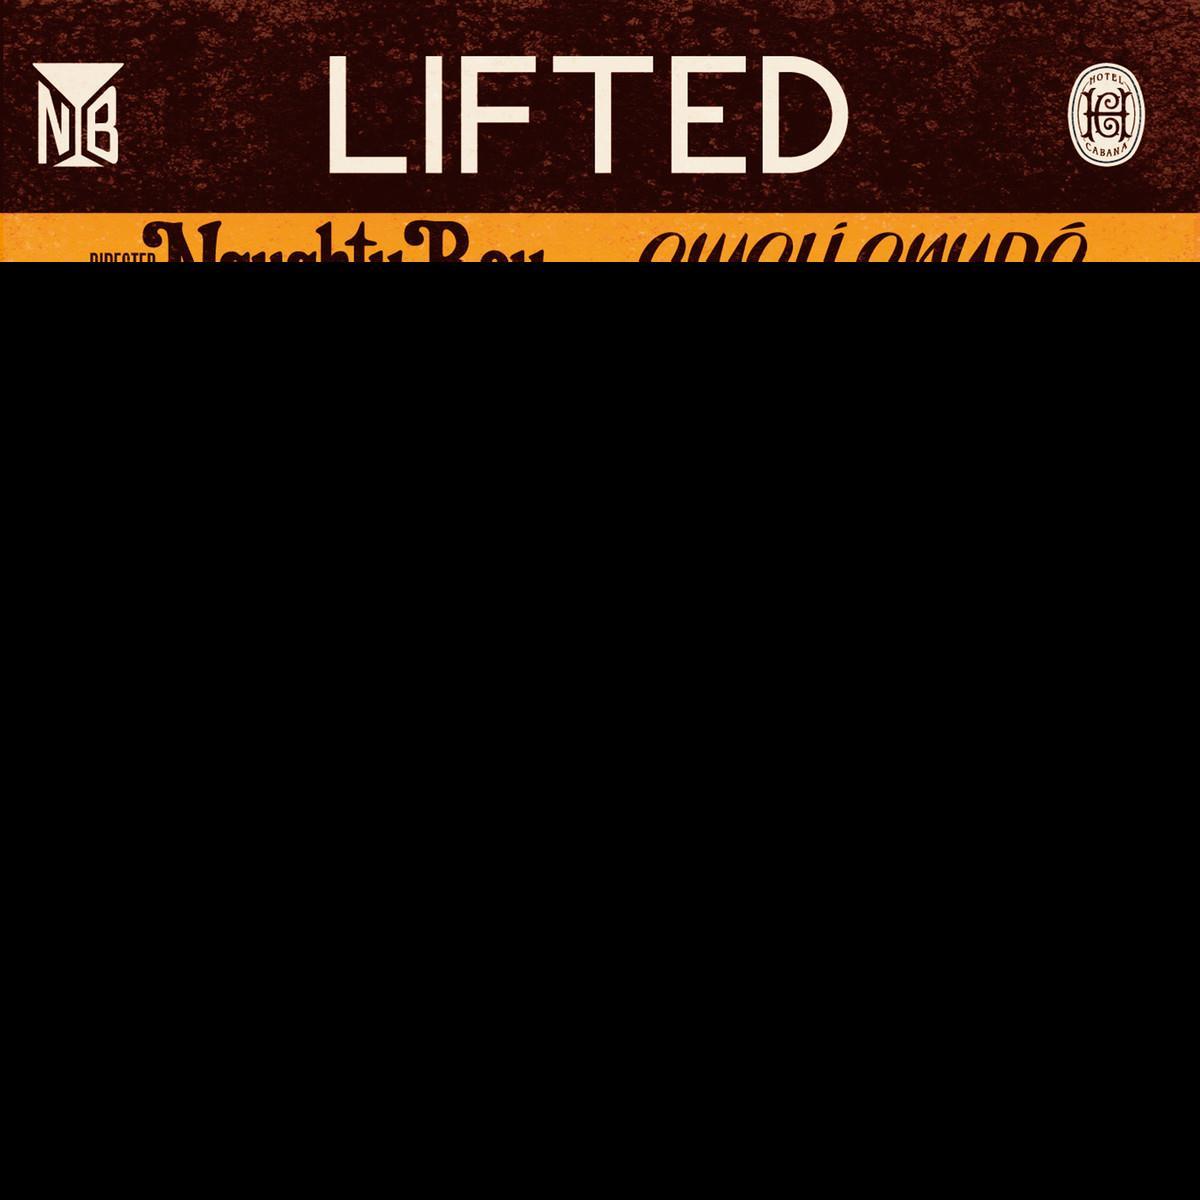 Naughty Boy Lifted (feat. Emeli Sandé) cover art